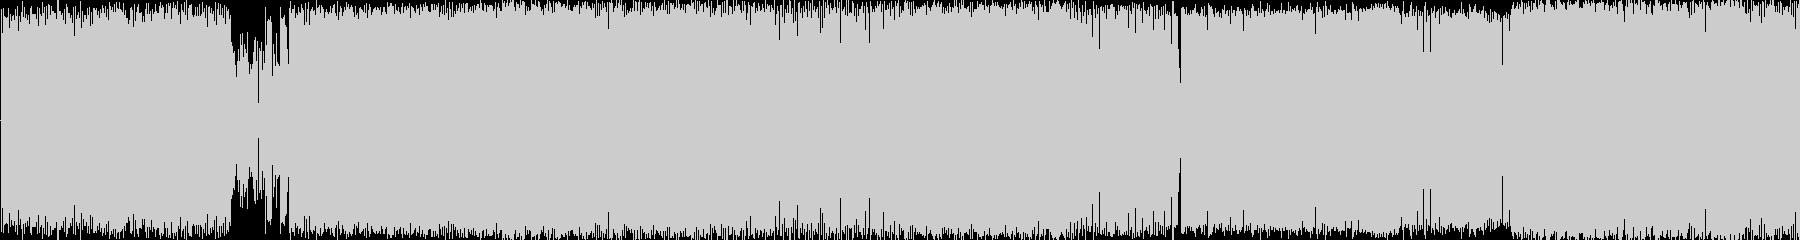 オシャレでタイトなリズムのクラブ的BGMの未再生の波形